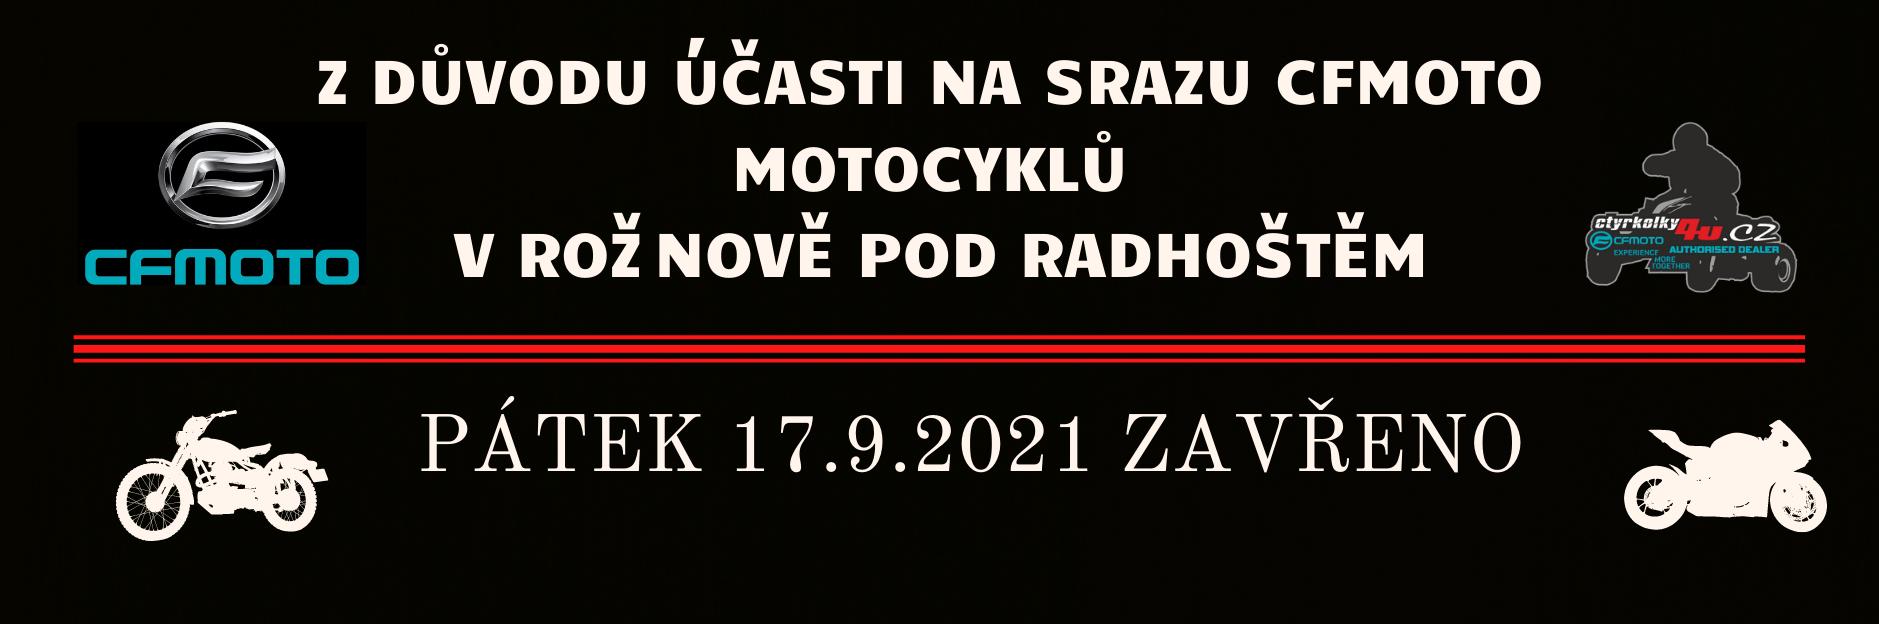 Sraz CFMOTO 17.9.2021